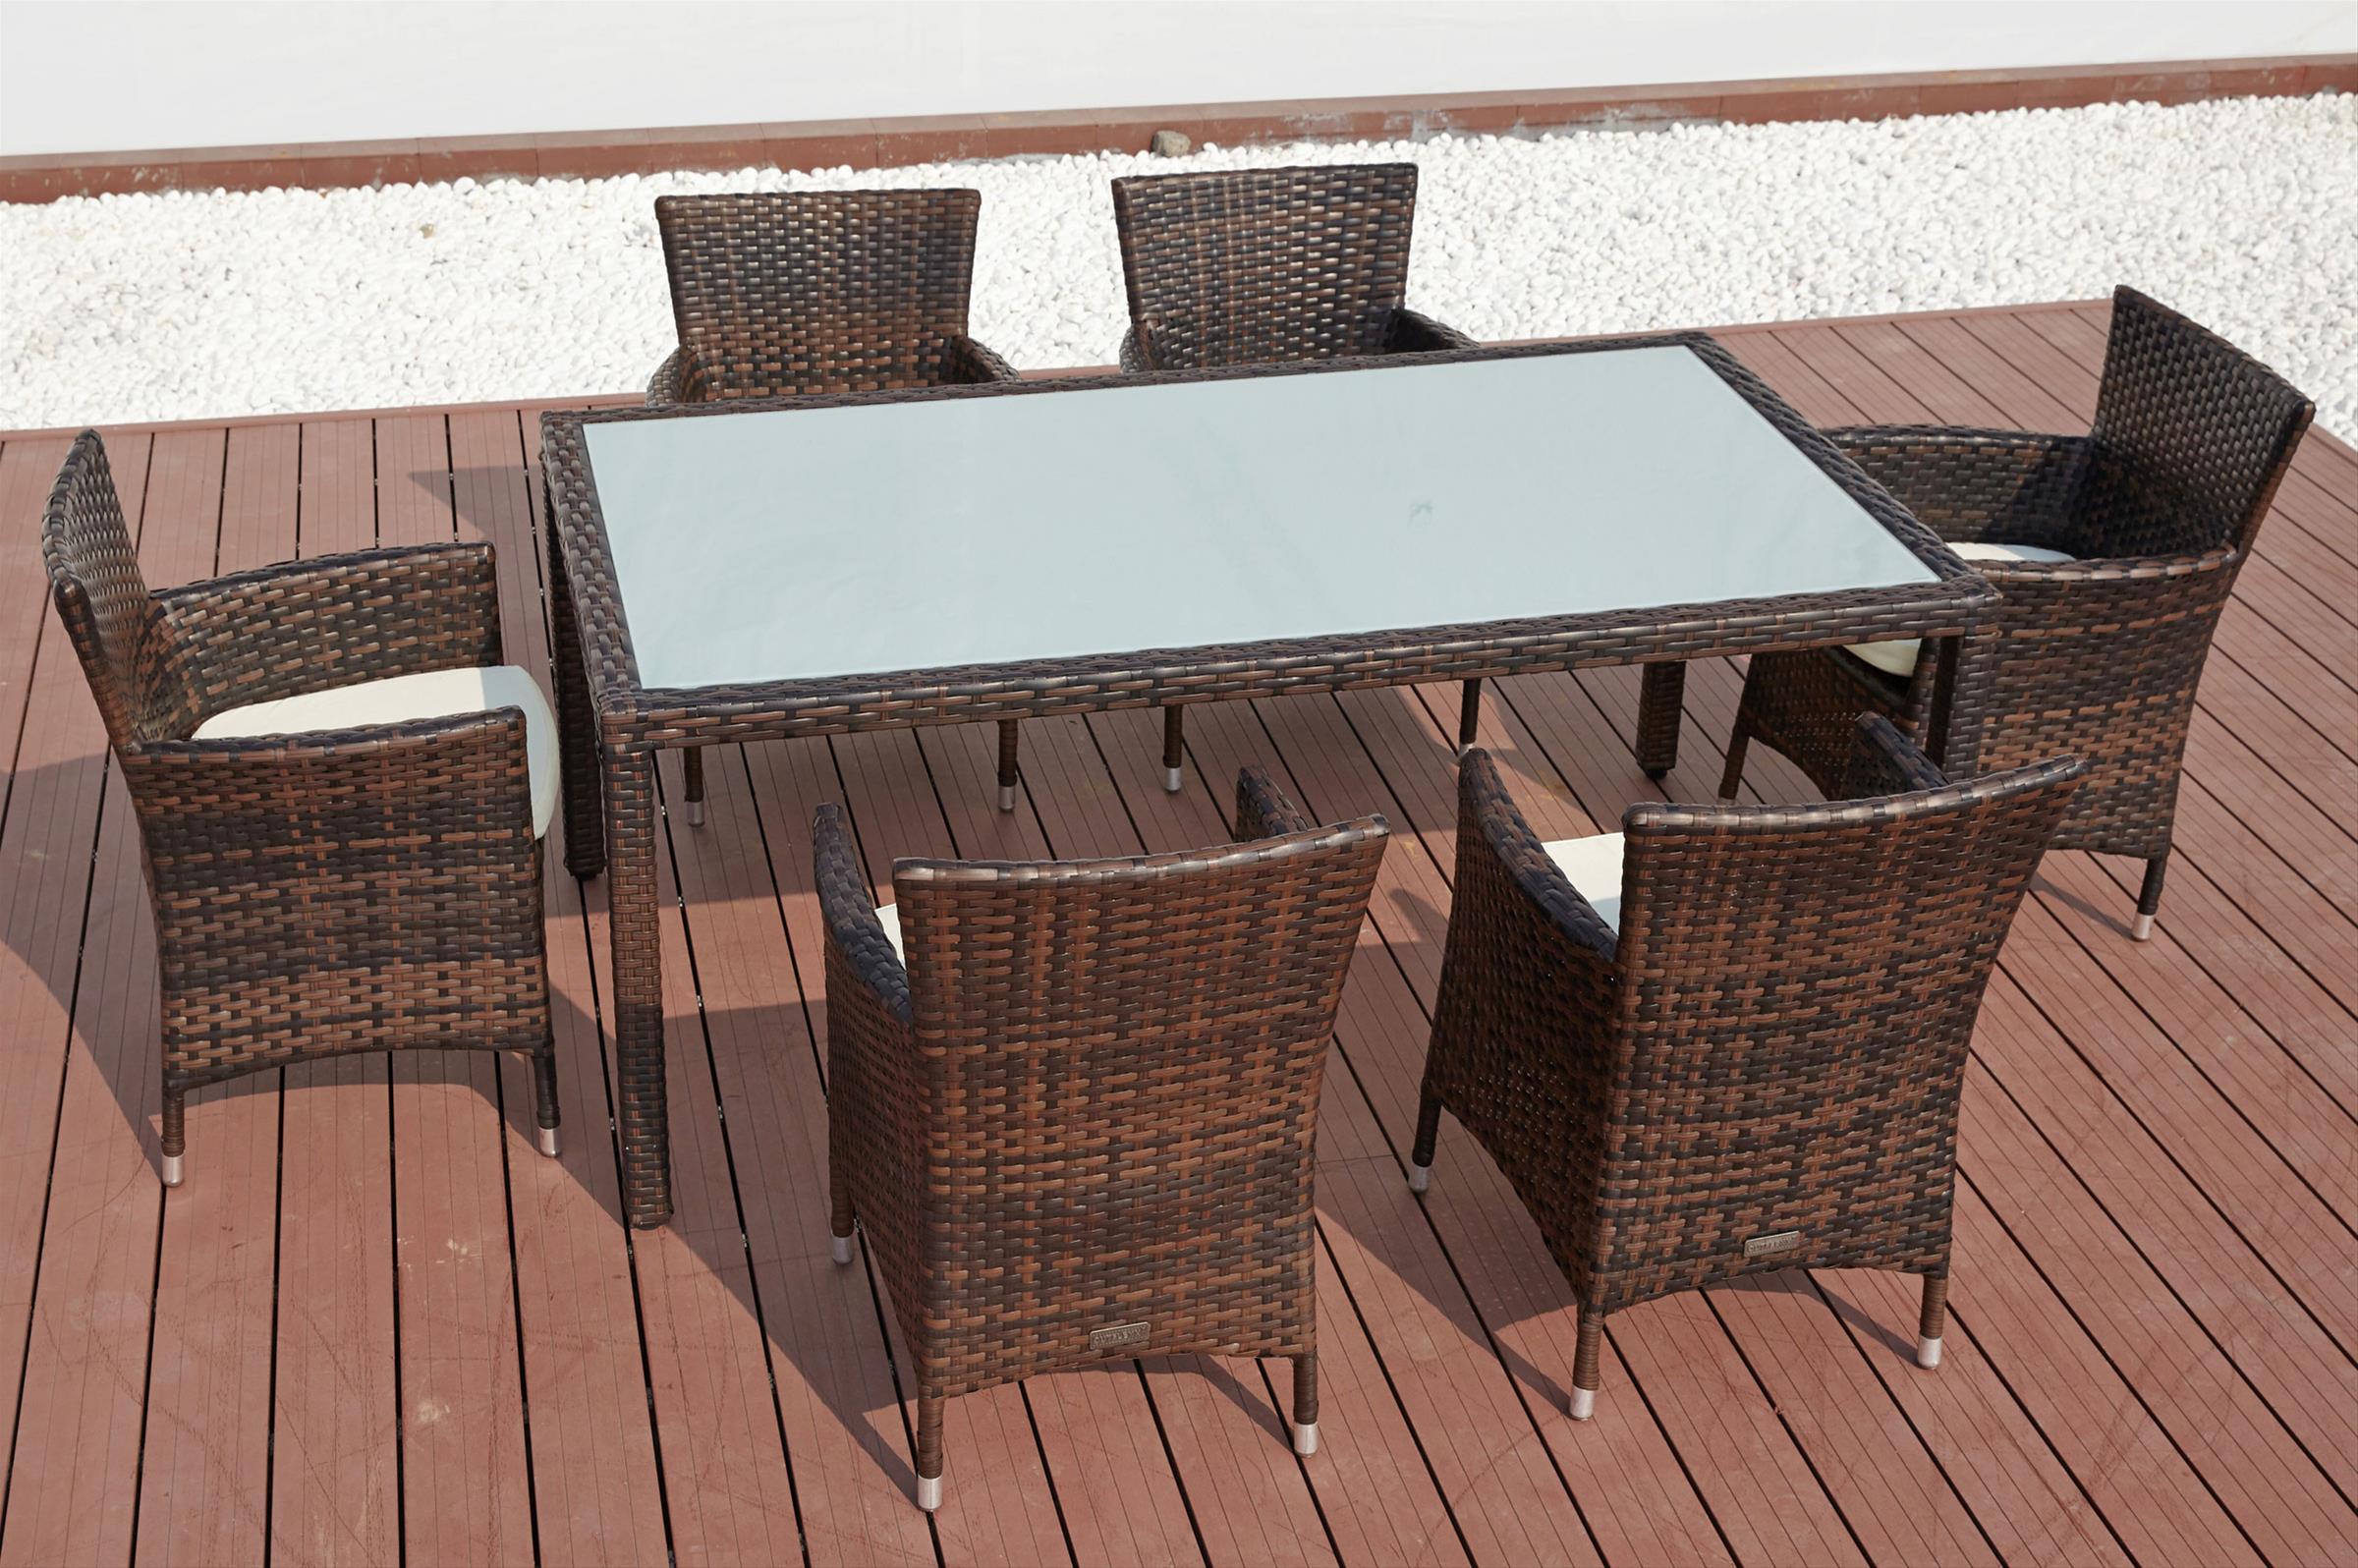 Esstisch Chelsea ~ Gartenmöbel  Esstisch Set Outflexx 7tlg braun marmoriert 180x100x74cm  bei